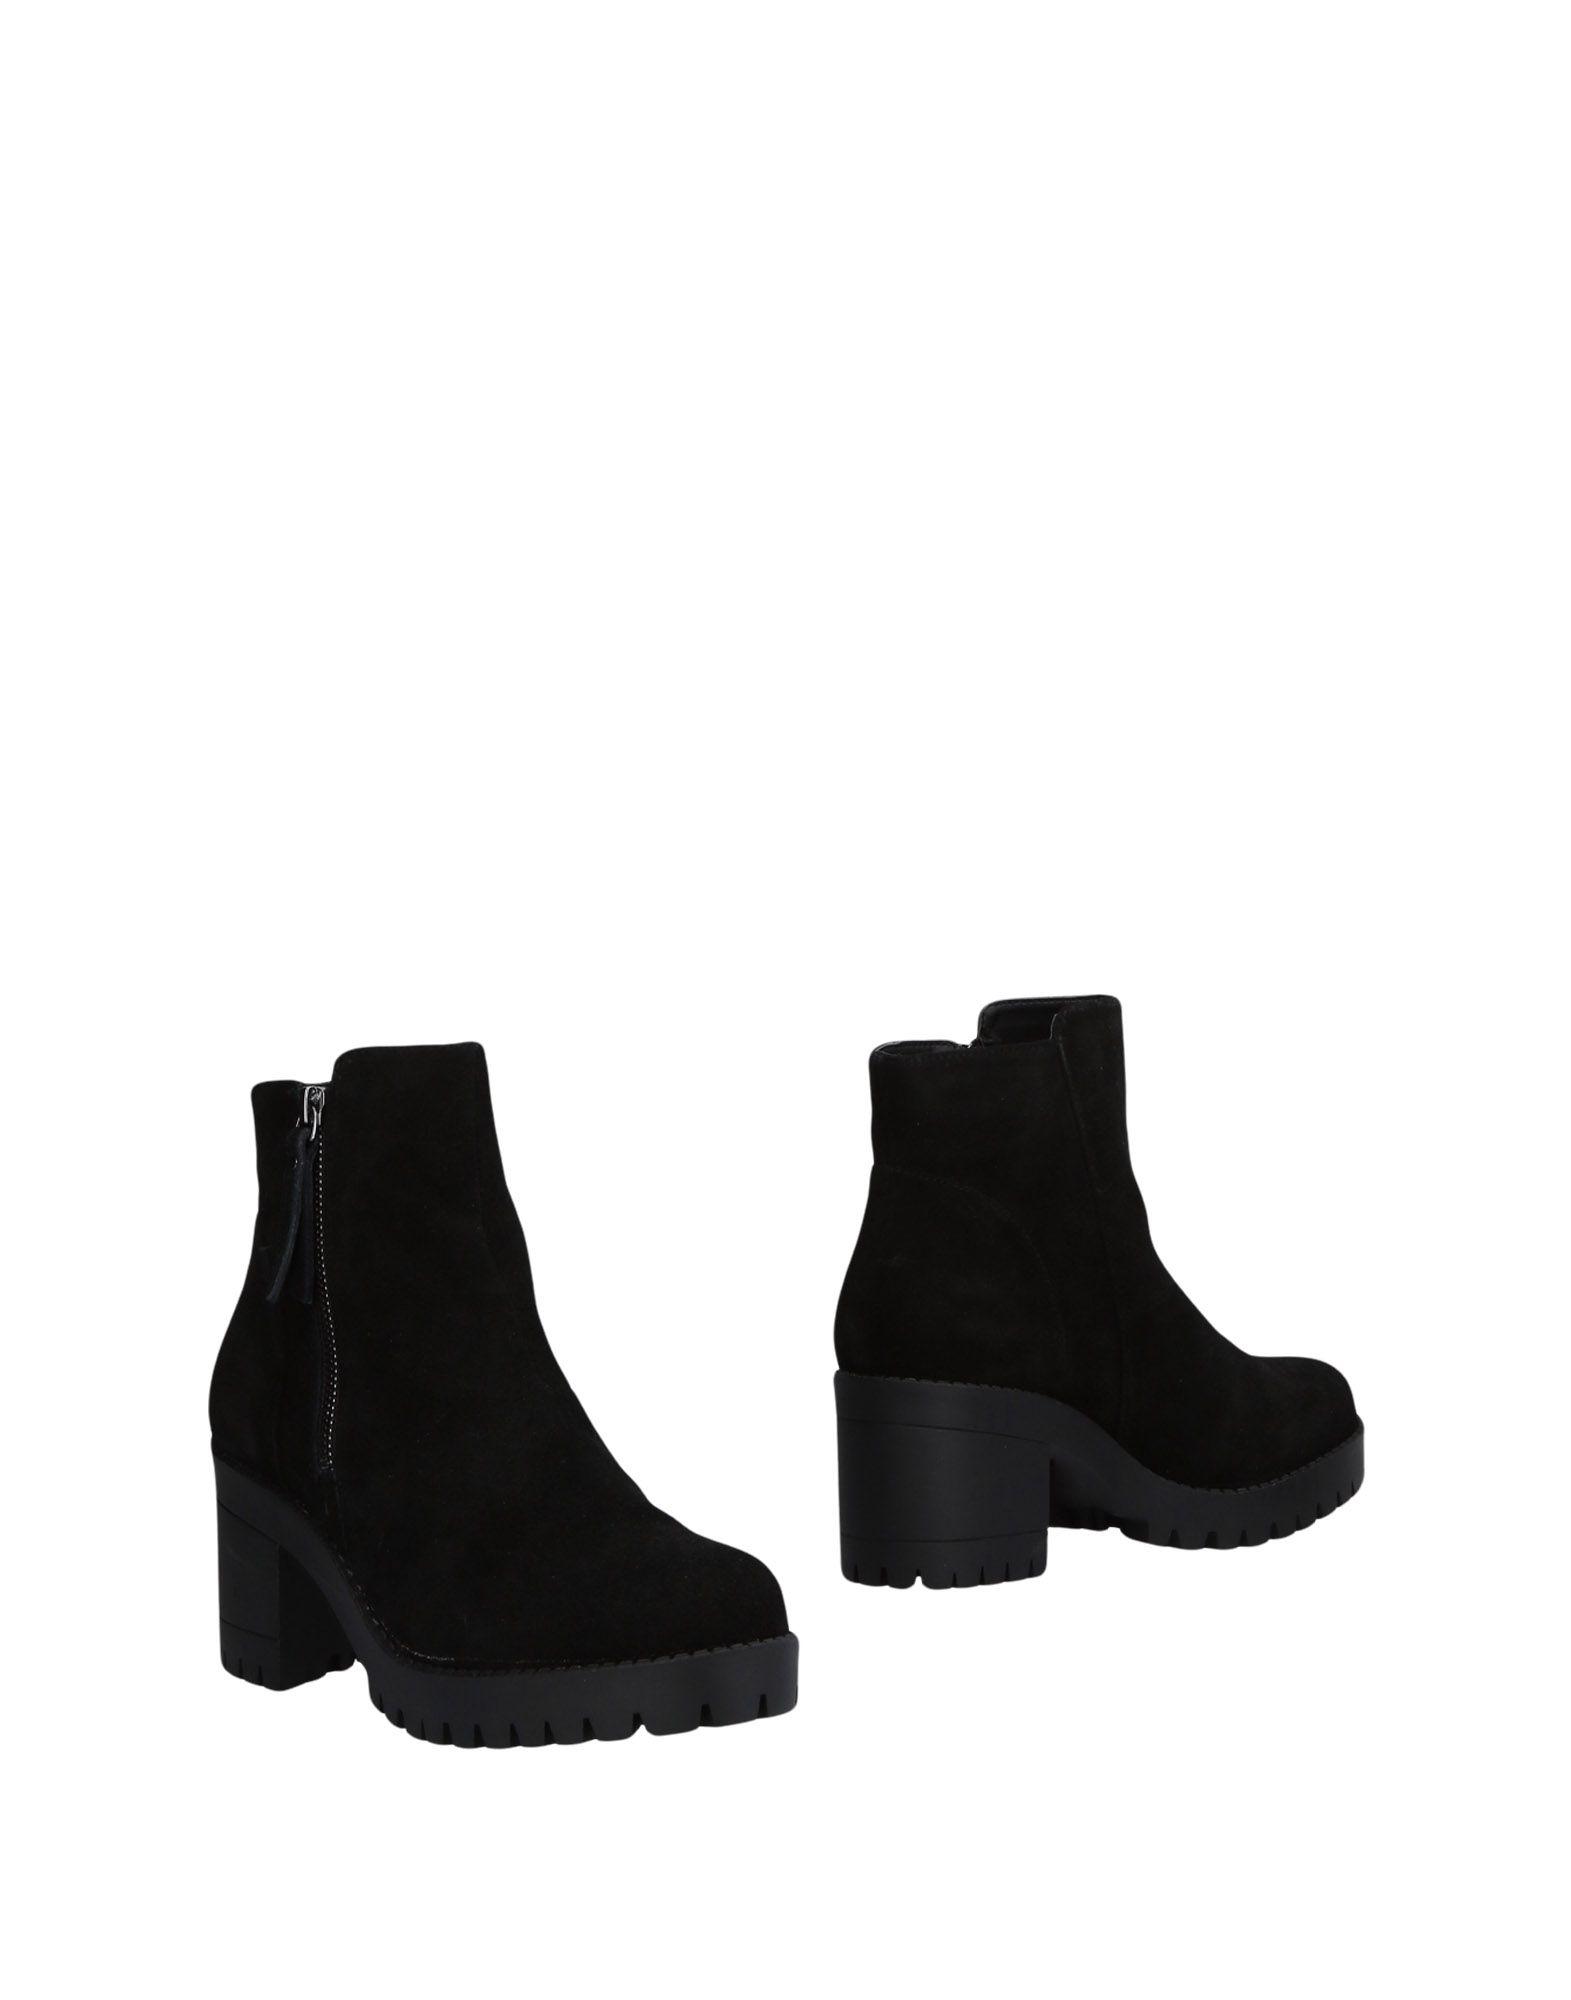 Steve Madden Stiefelette Damen  11482659CX Gute Qualität beliebte Schuhe